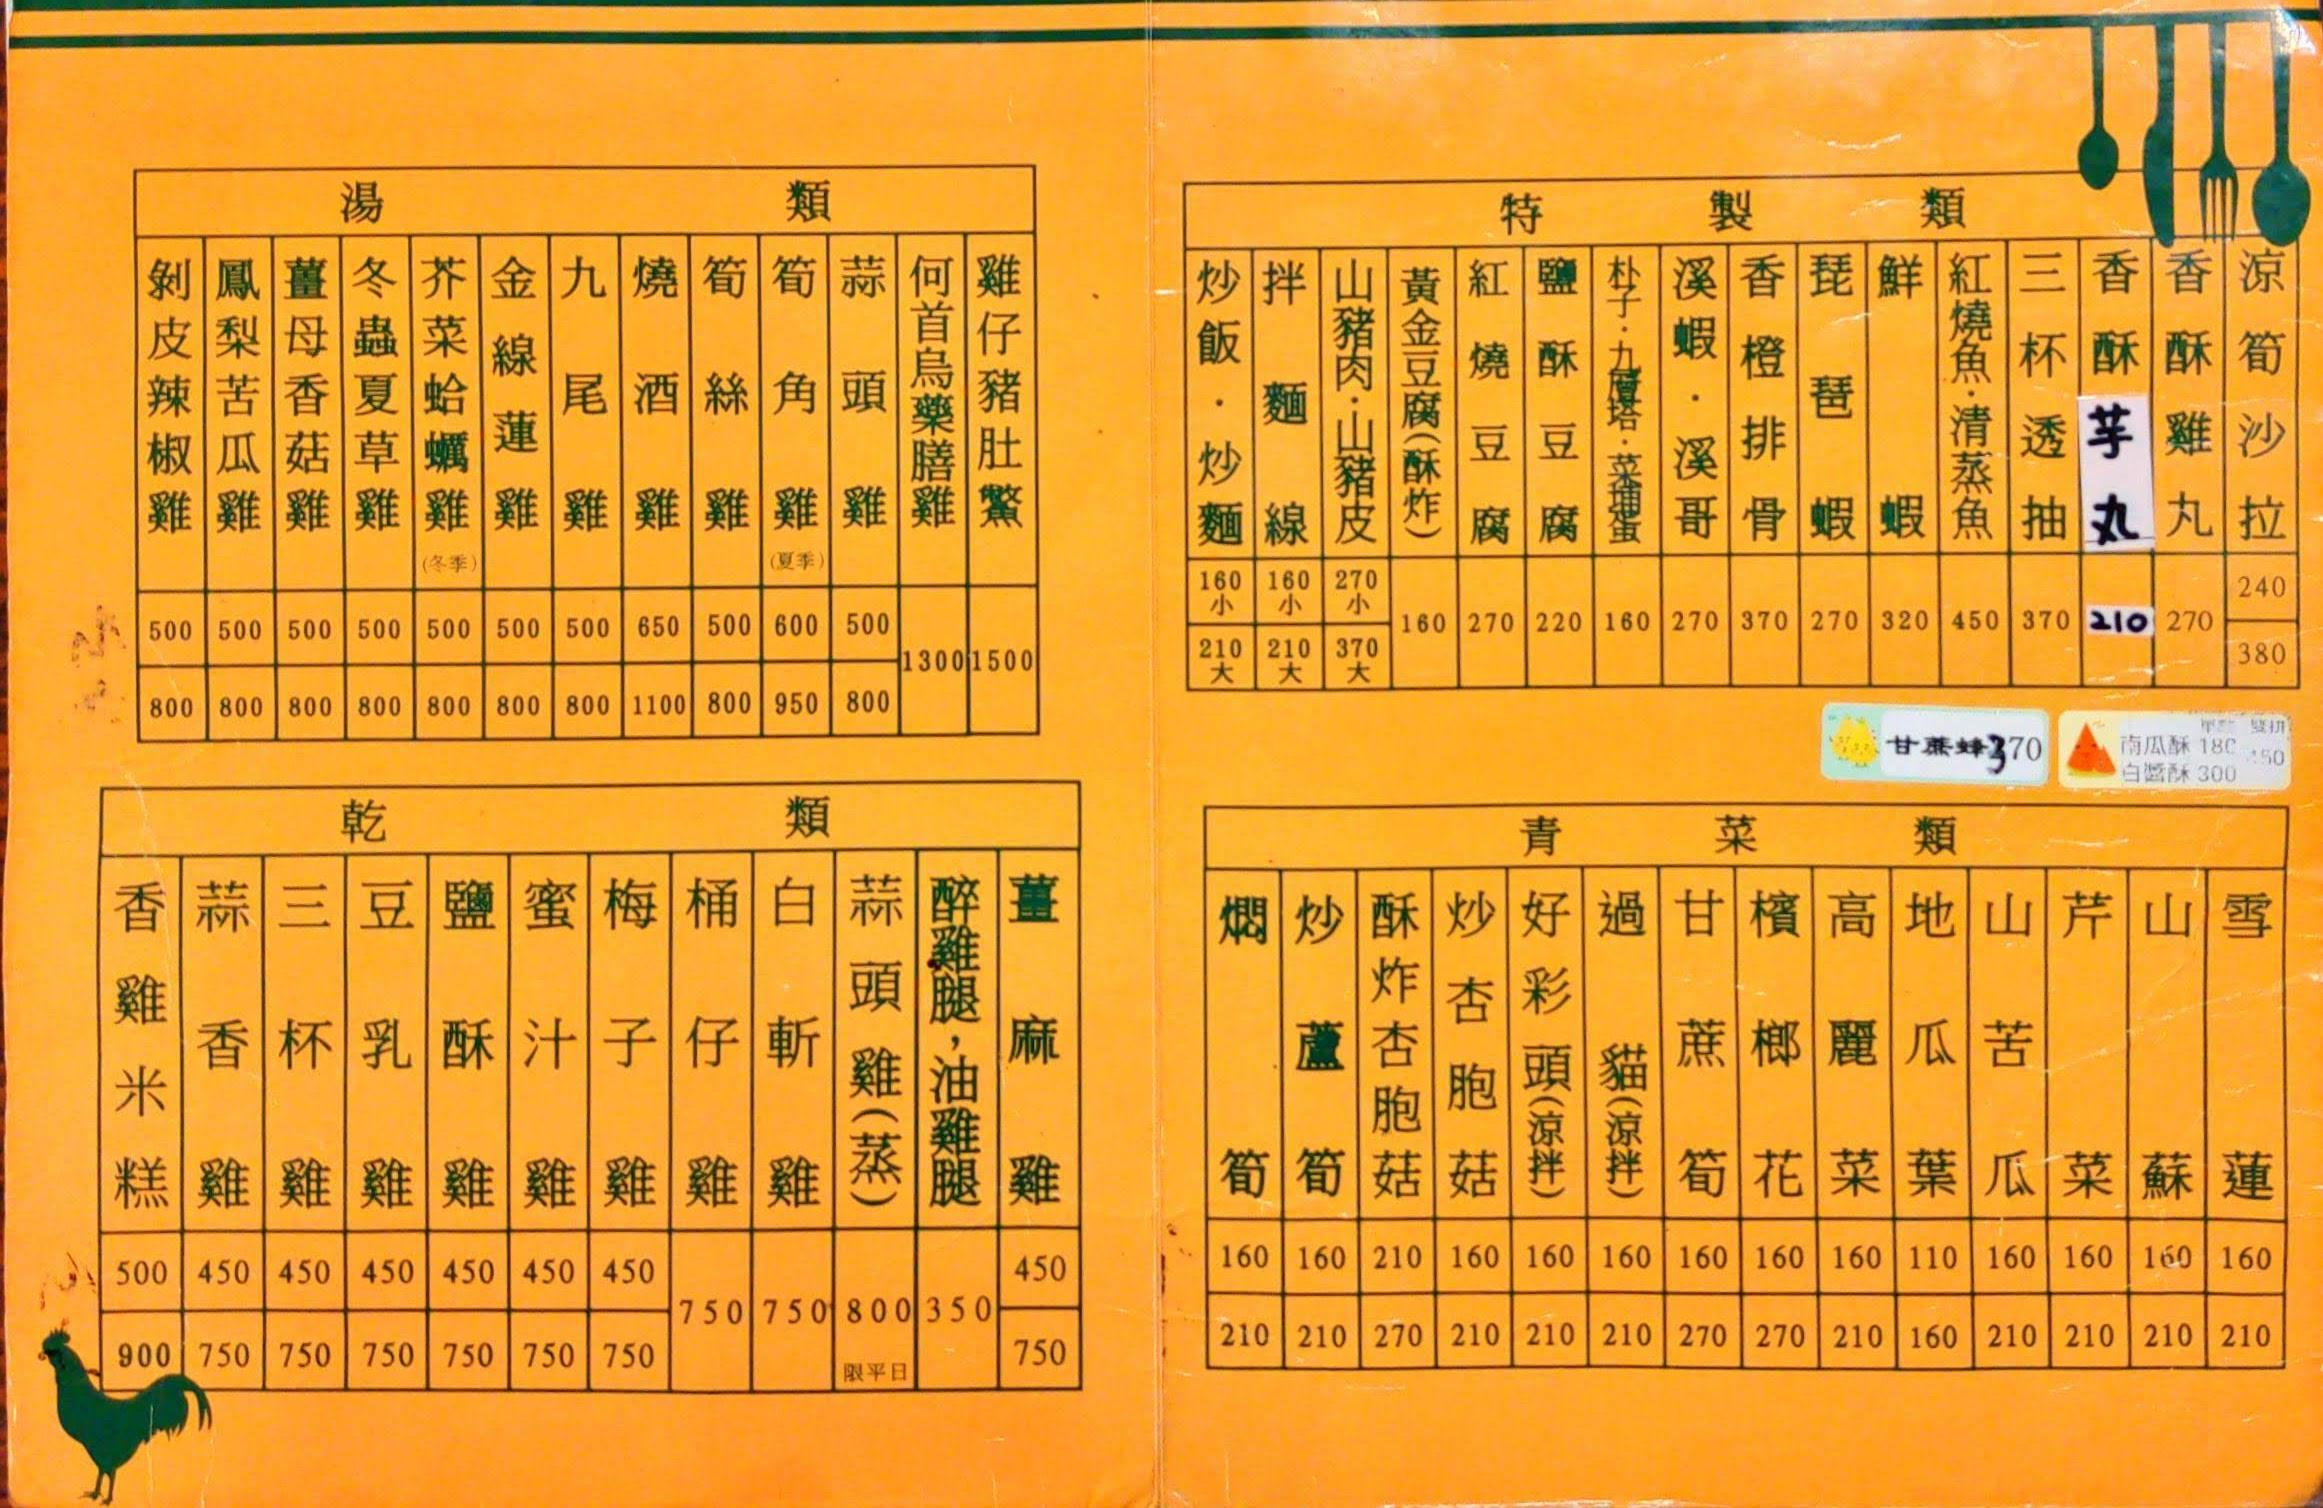 大崗山土雞城餐廳 田野香雞庭園 菜單